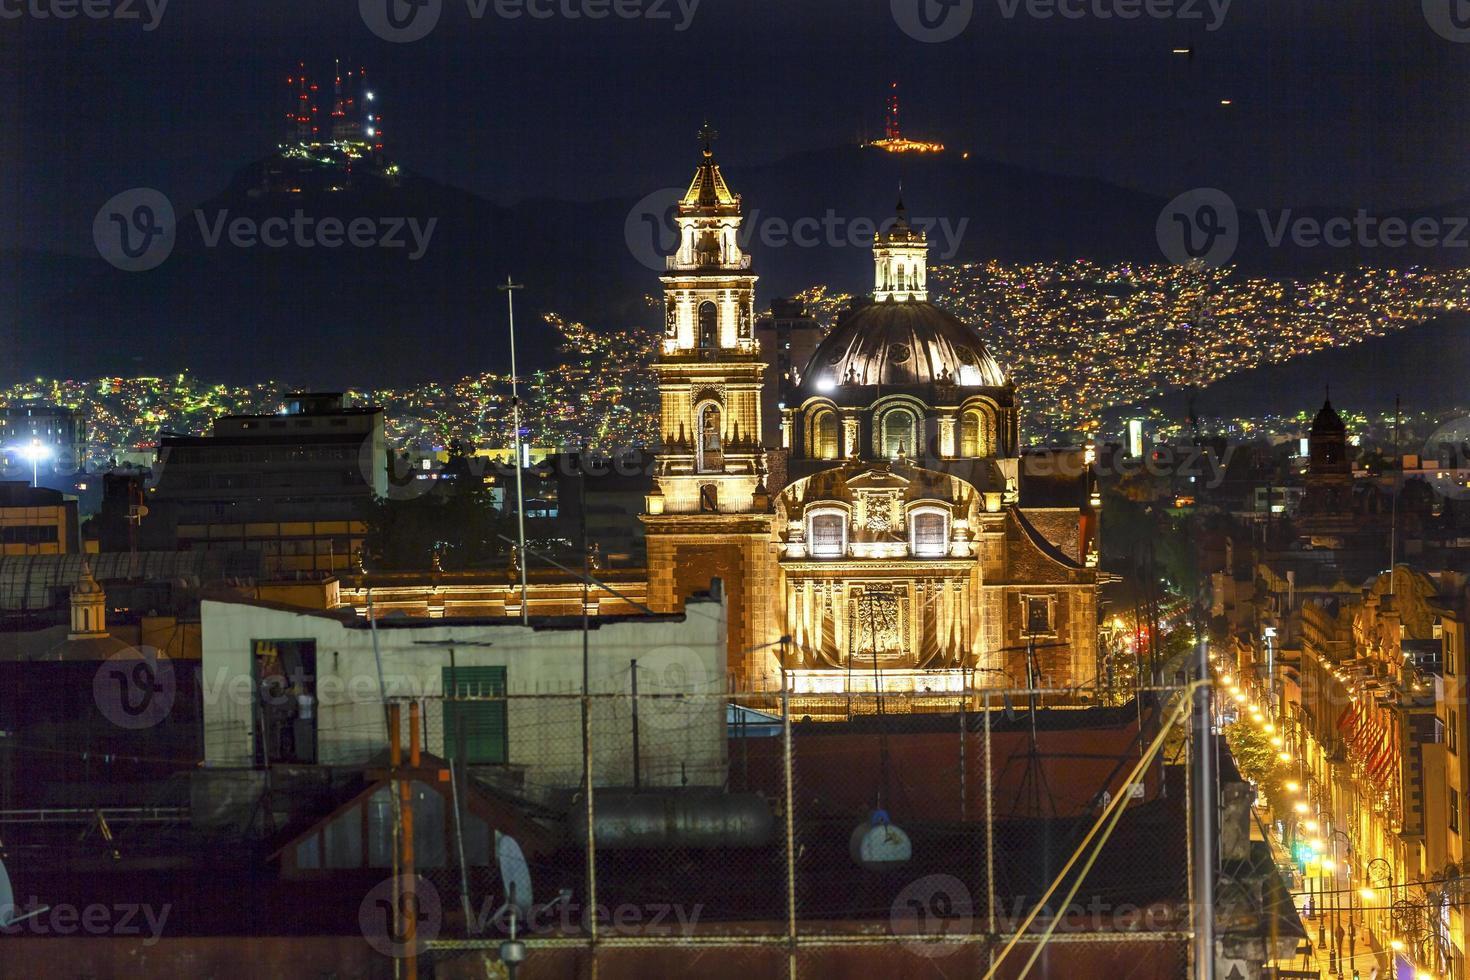 Plaza de Santa Domingo Chruches Zocalo Mexiko Stadt Mexiko foto